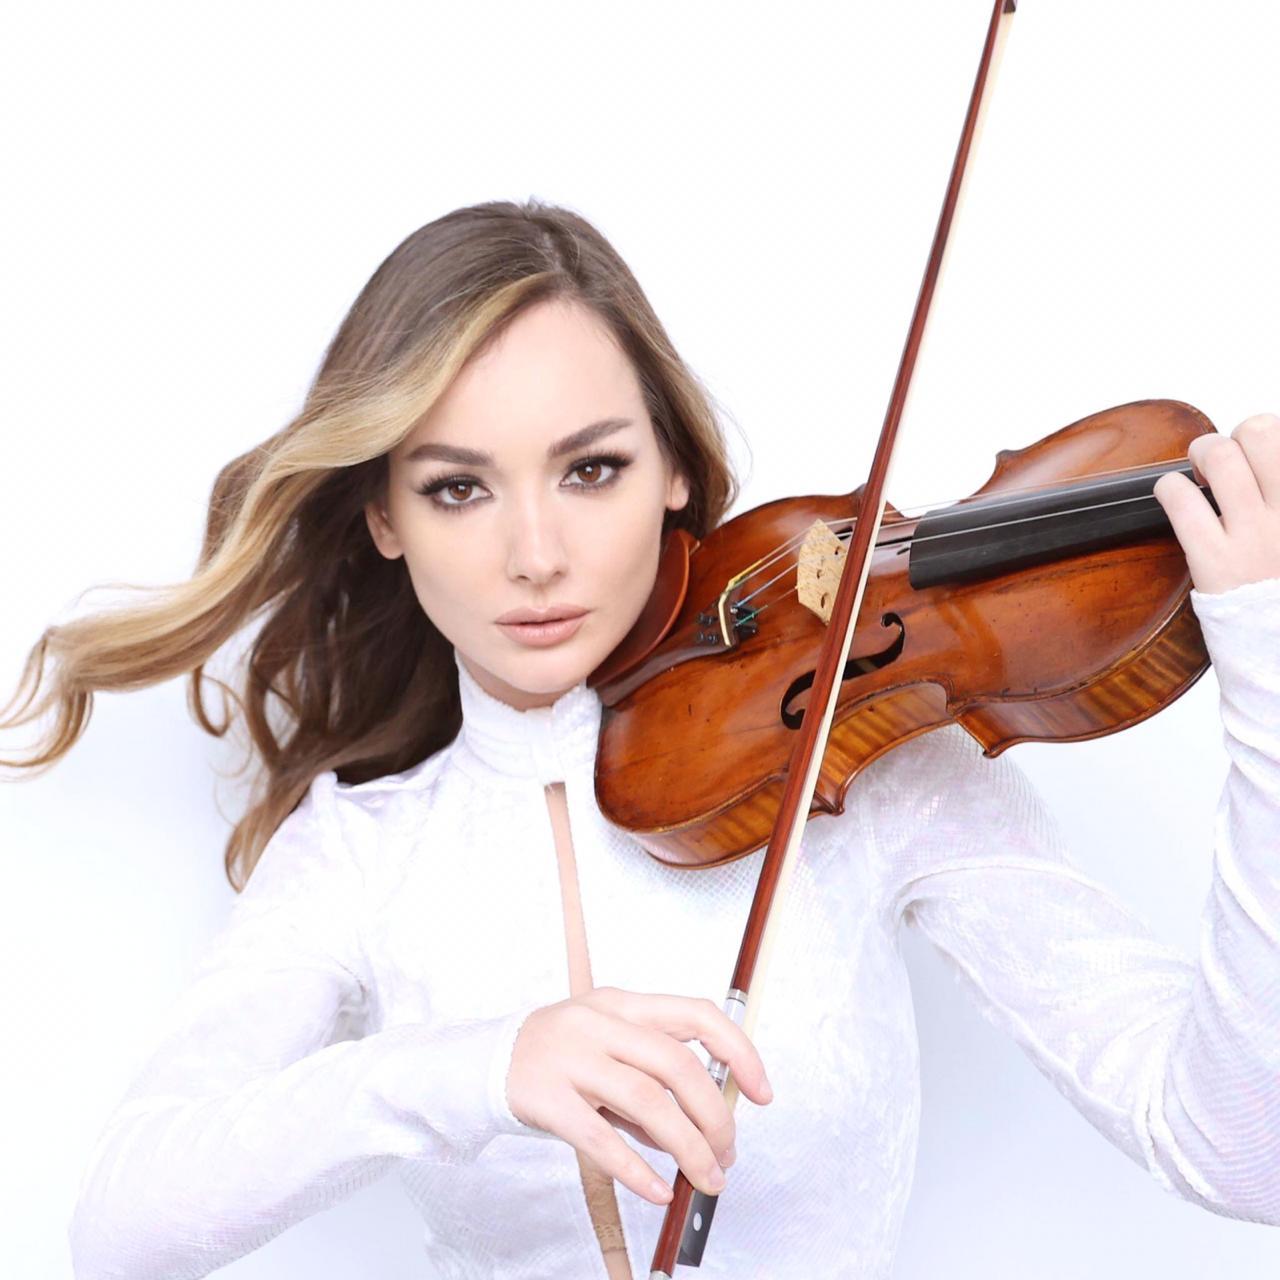 Joana Kaimi, violinistja shqiptare që performon në skenat e New York-ut!